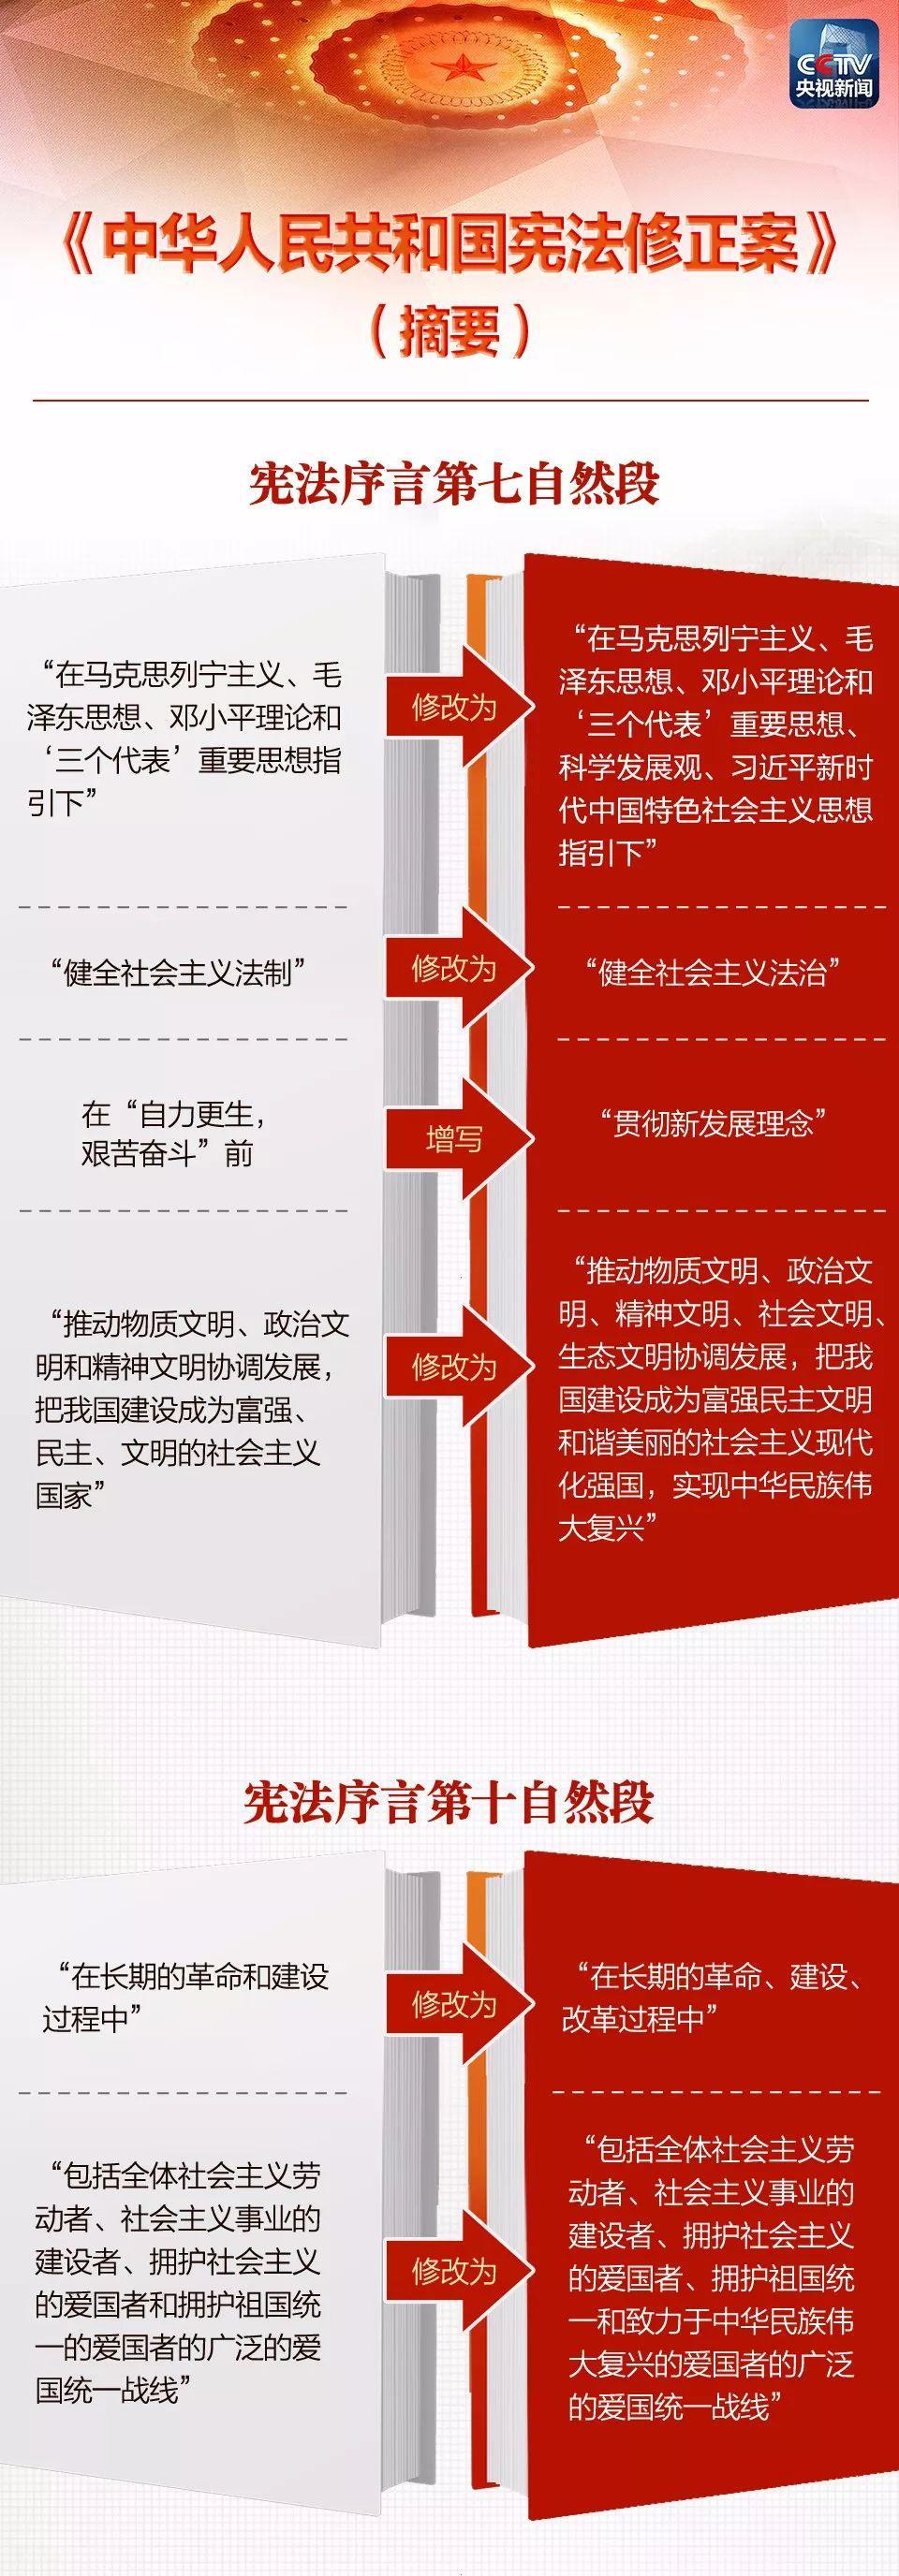 一张图 带你看懂《中华人民共和国宪法修正案》